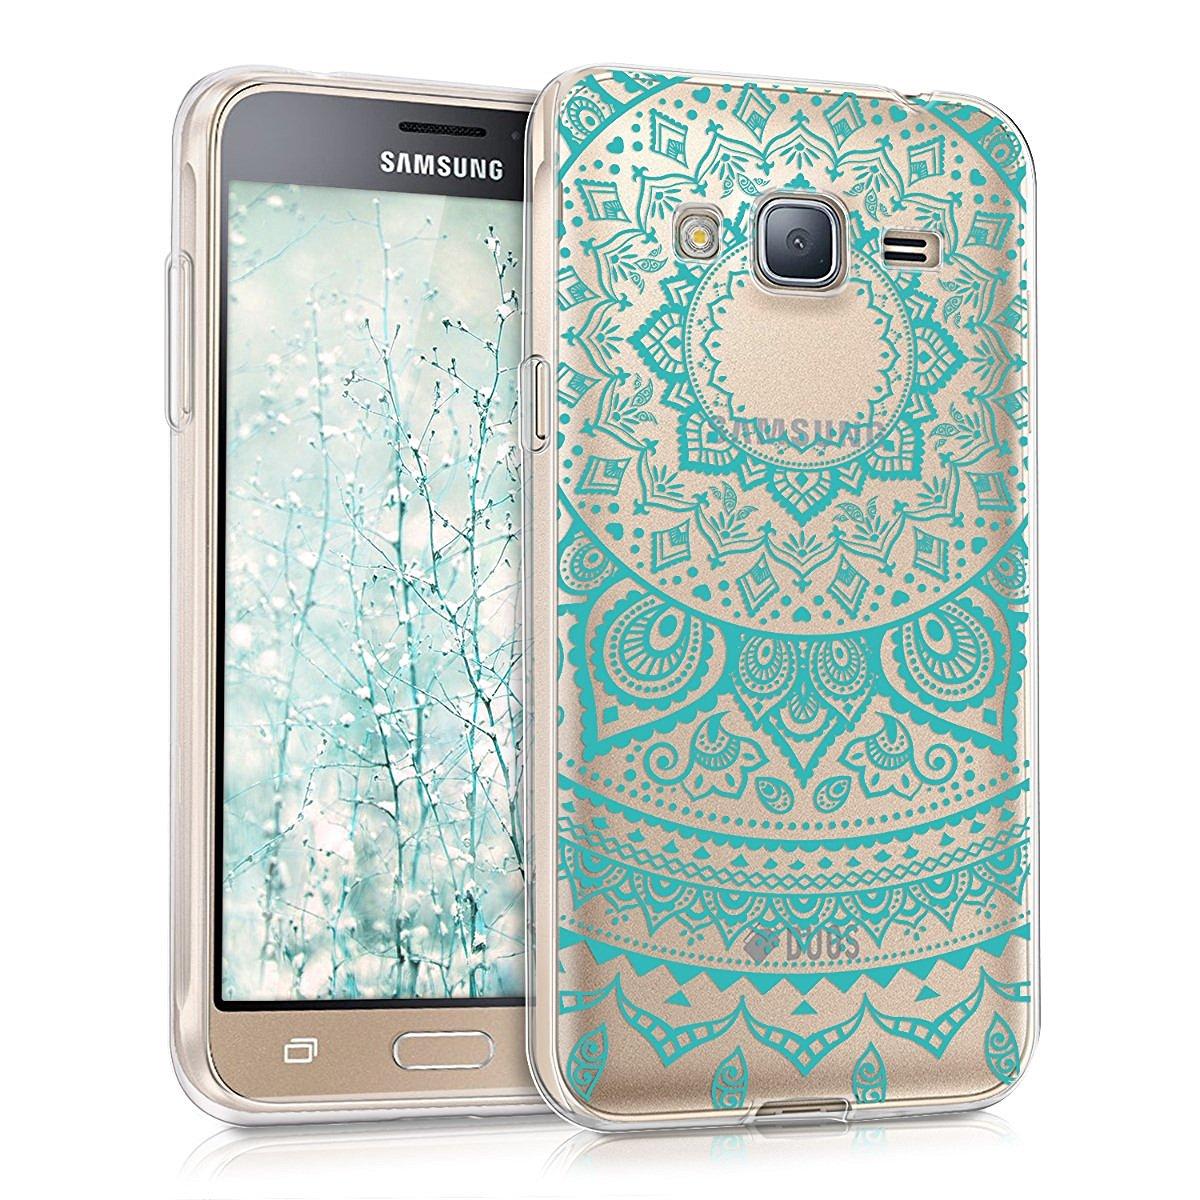 KW Θήκη Σιλικόνης Samsung Galaxy J3 (2016) (39048.04) - Indian Sun Mint